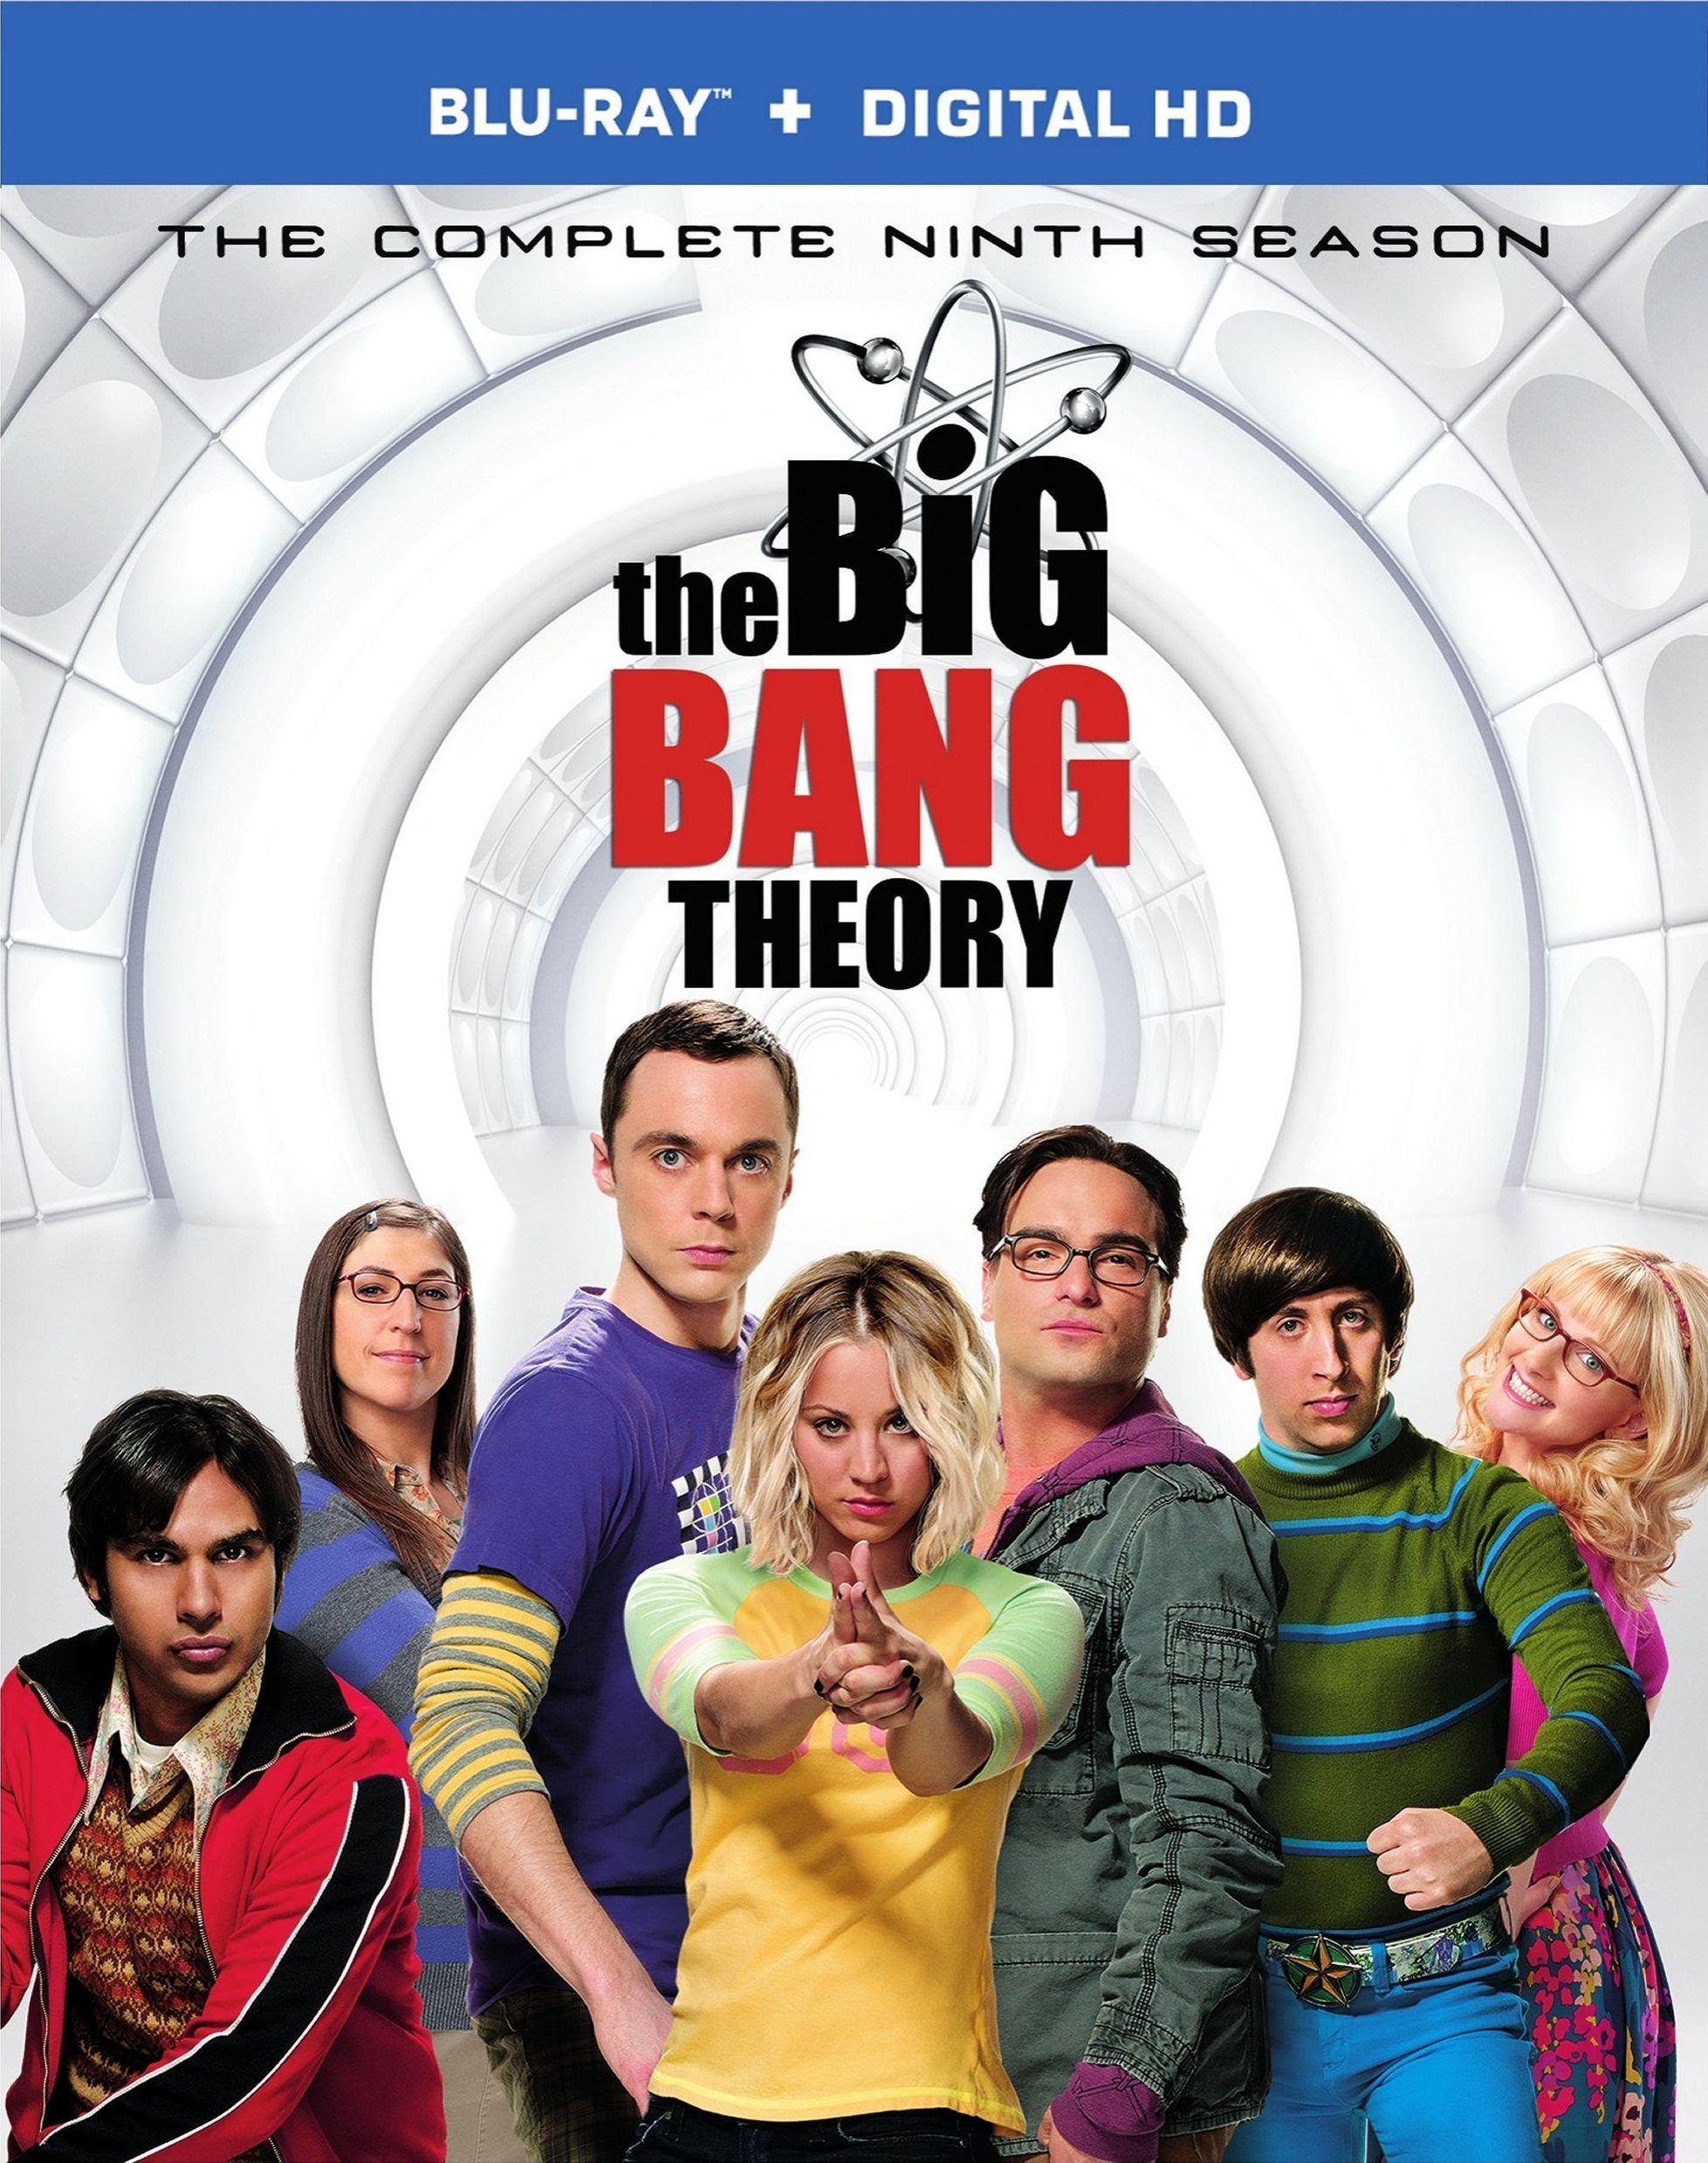 The Big Bang Theory: Season 9 (Blu-ray + Digital Offer) | Libros ...